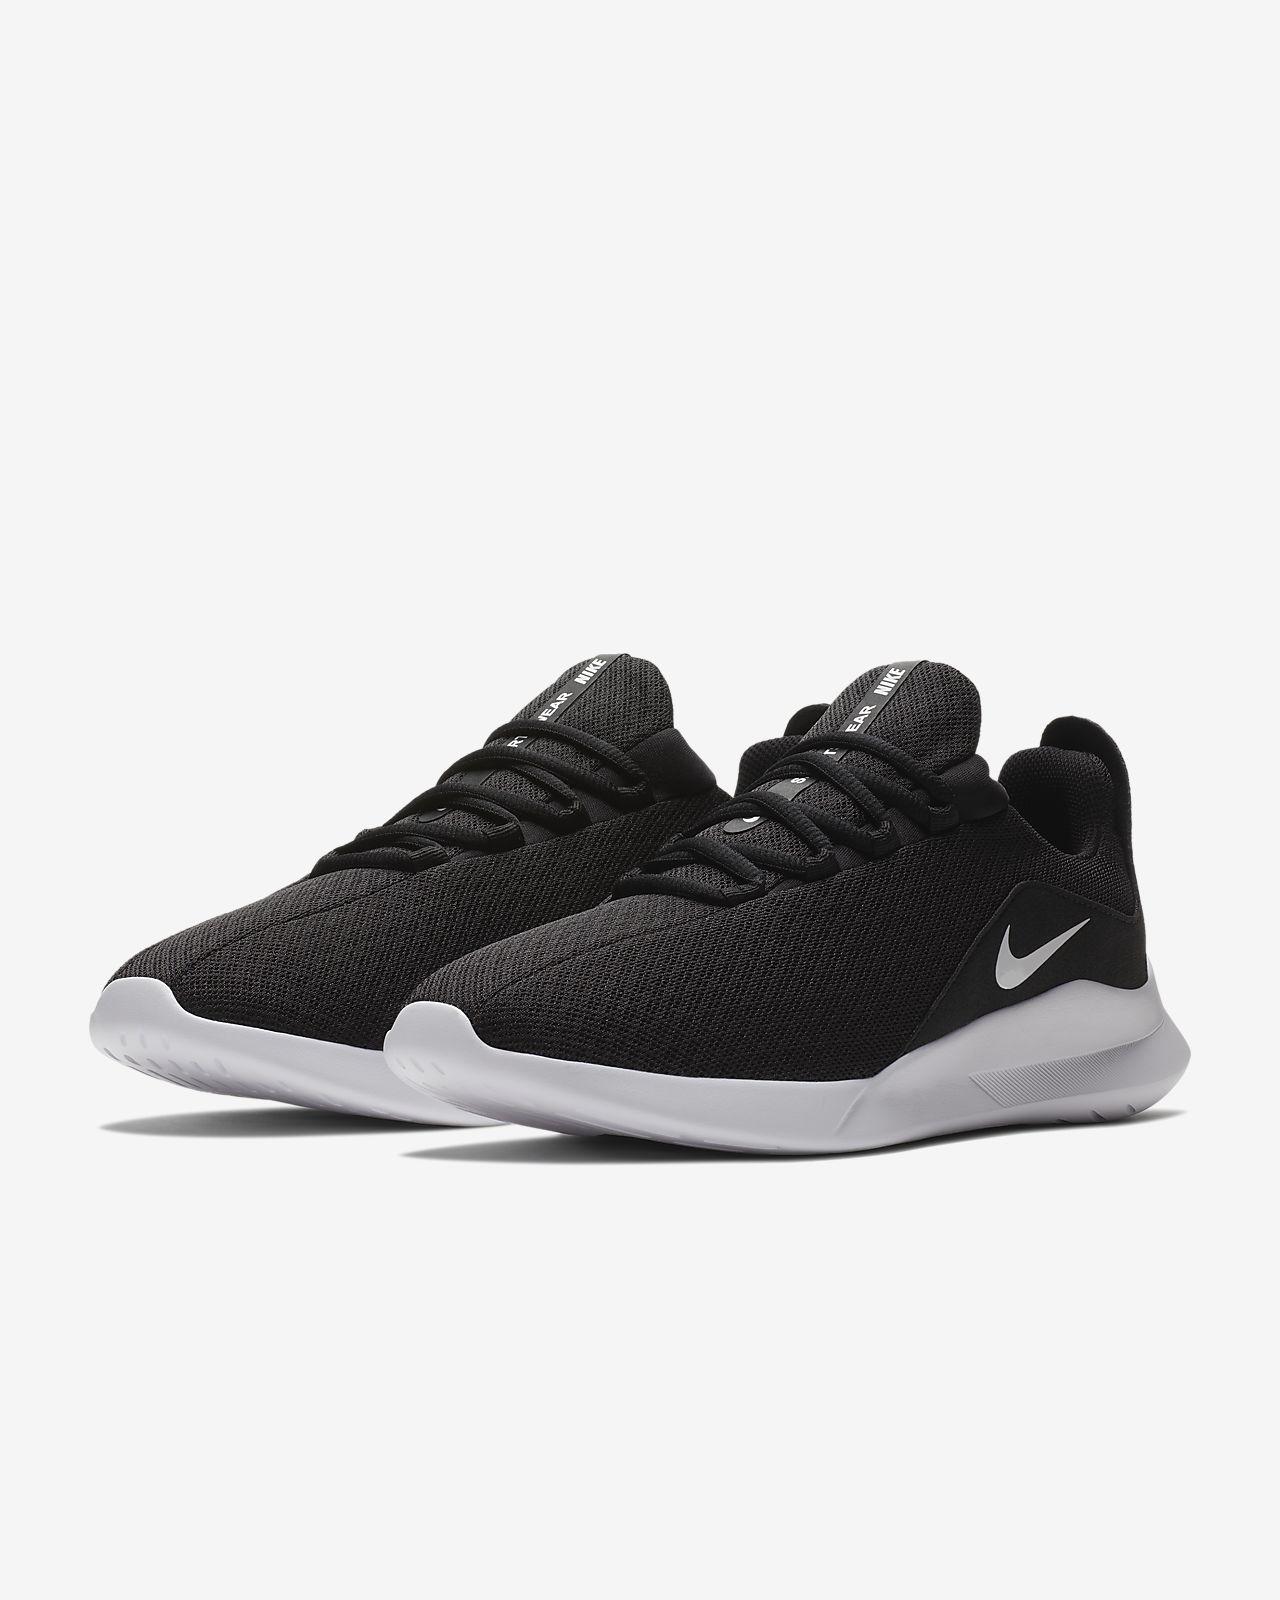 b96995e4467 Low Resolution Nike Viale Herenschoen Nike Viale Herenschoen